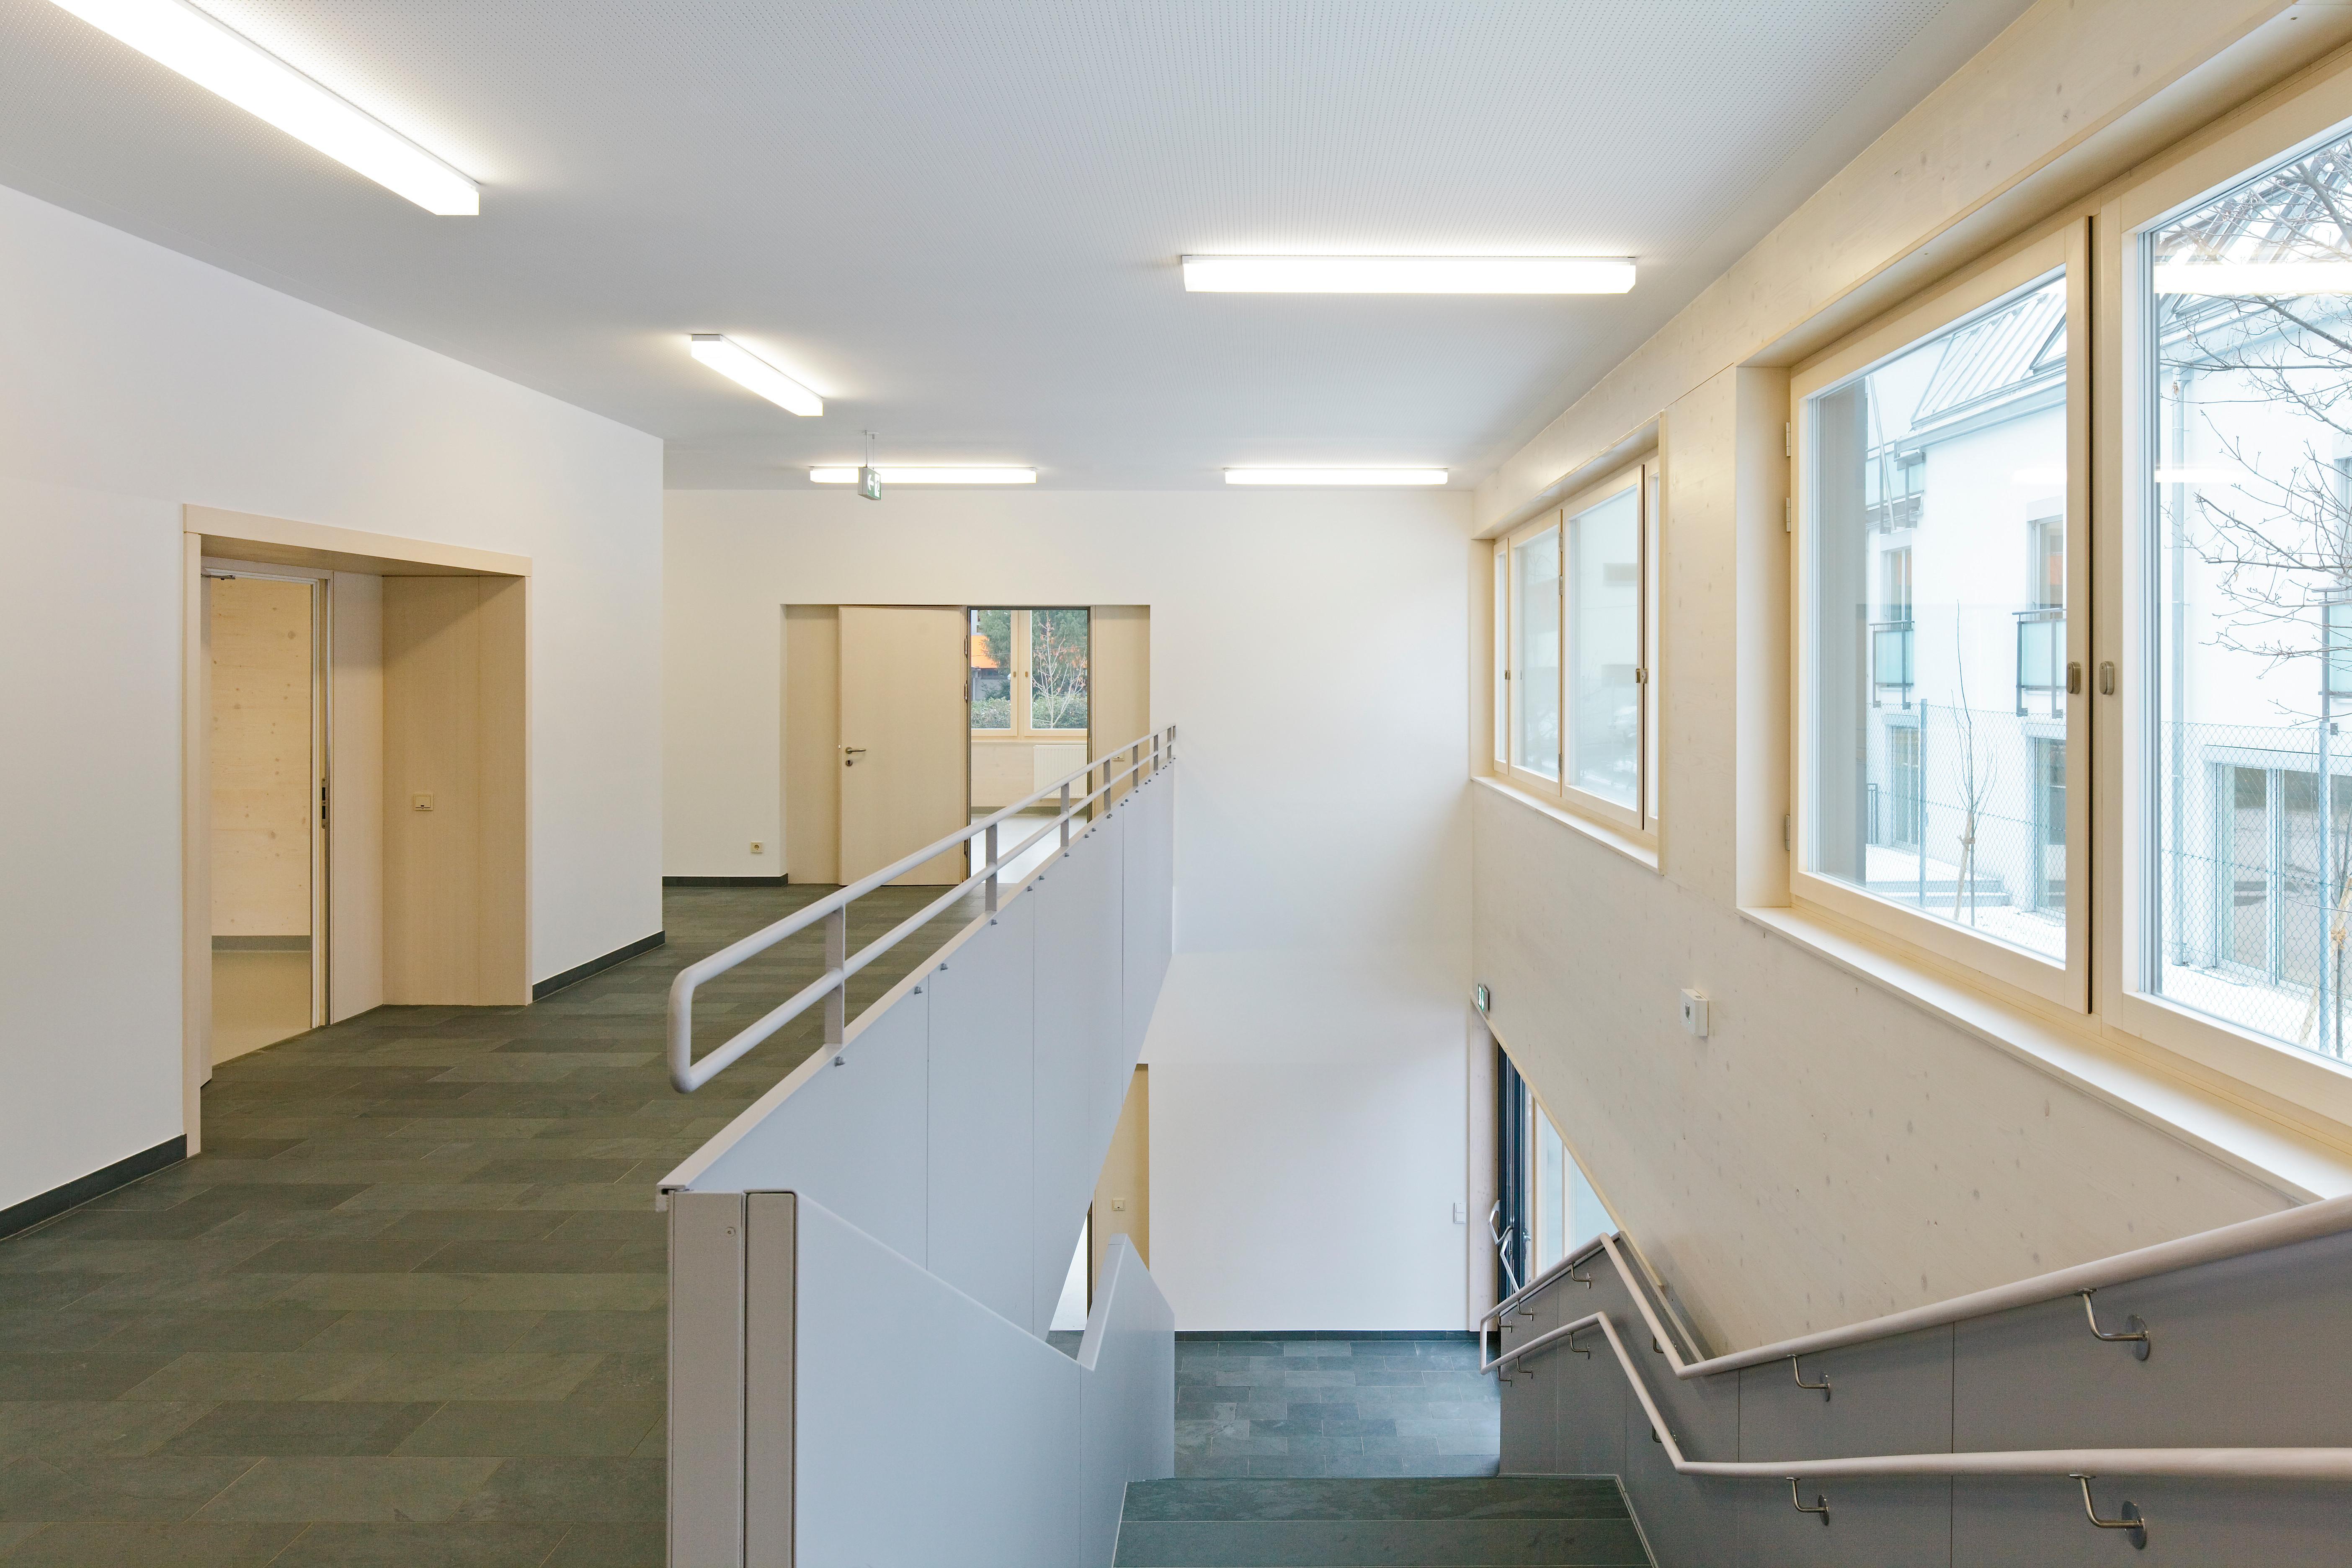 <p>© RUNSER / PRANTL architekten, Volksschule Mannagettagasse, 1190 Wien, Österreich, 2013, Schule, Fotograf Rupert Steiner</p>